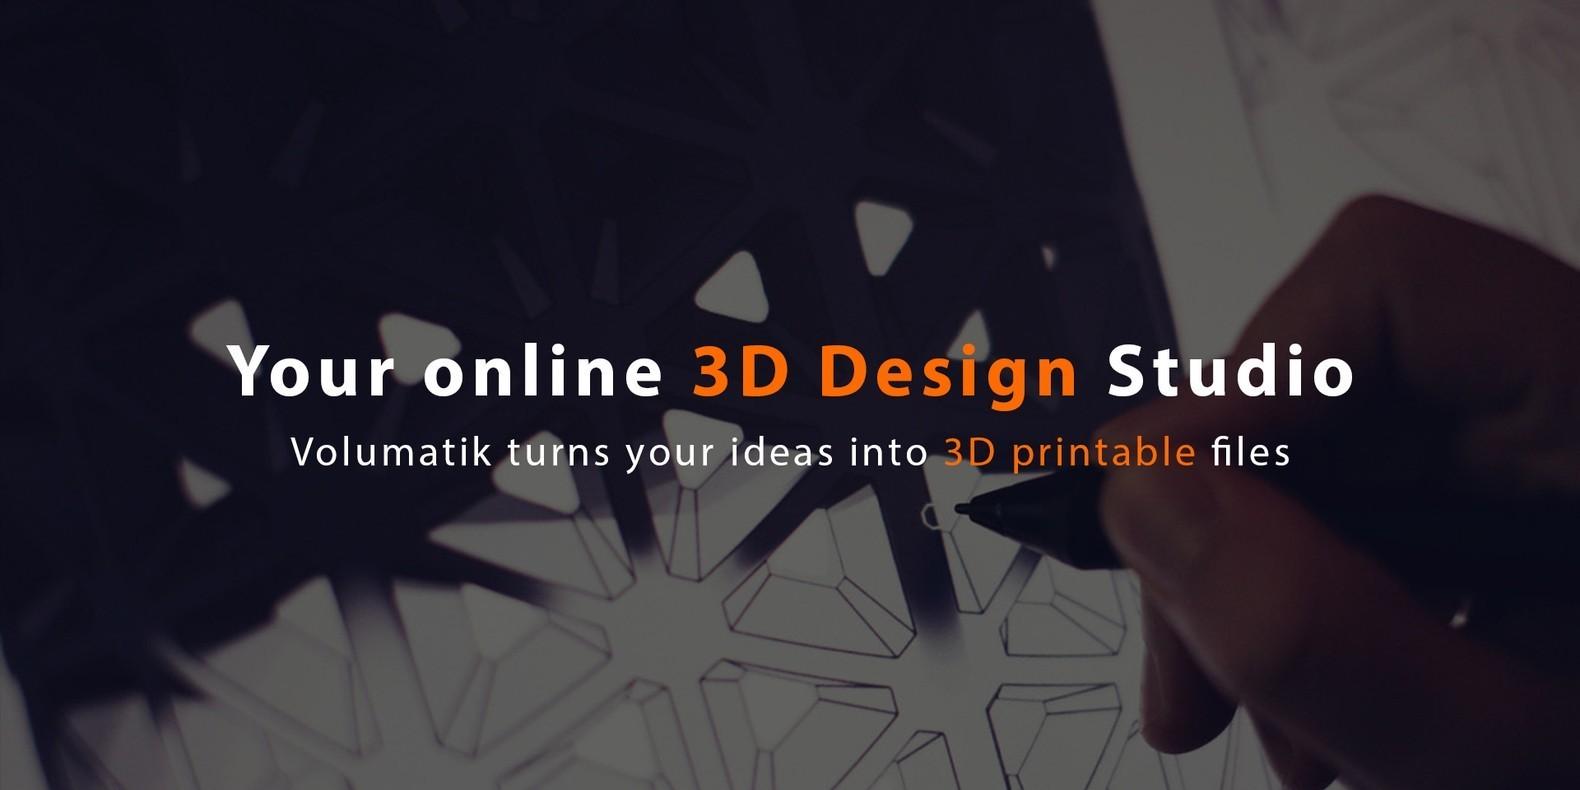 Rencontrez Volumatik • le studio de conception 3D en ligne qui transforme vos idées en fichiers imprimables en 3D.